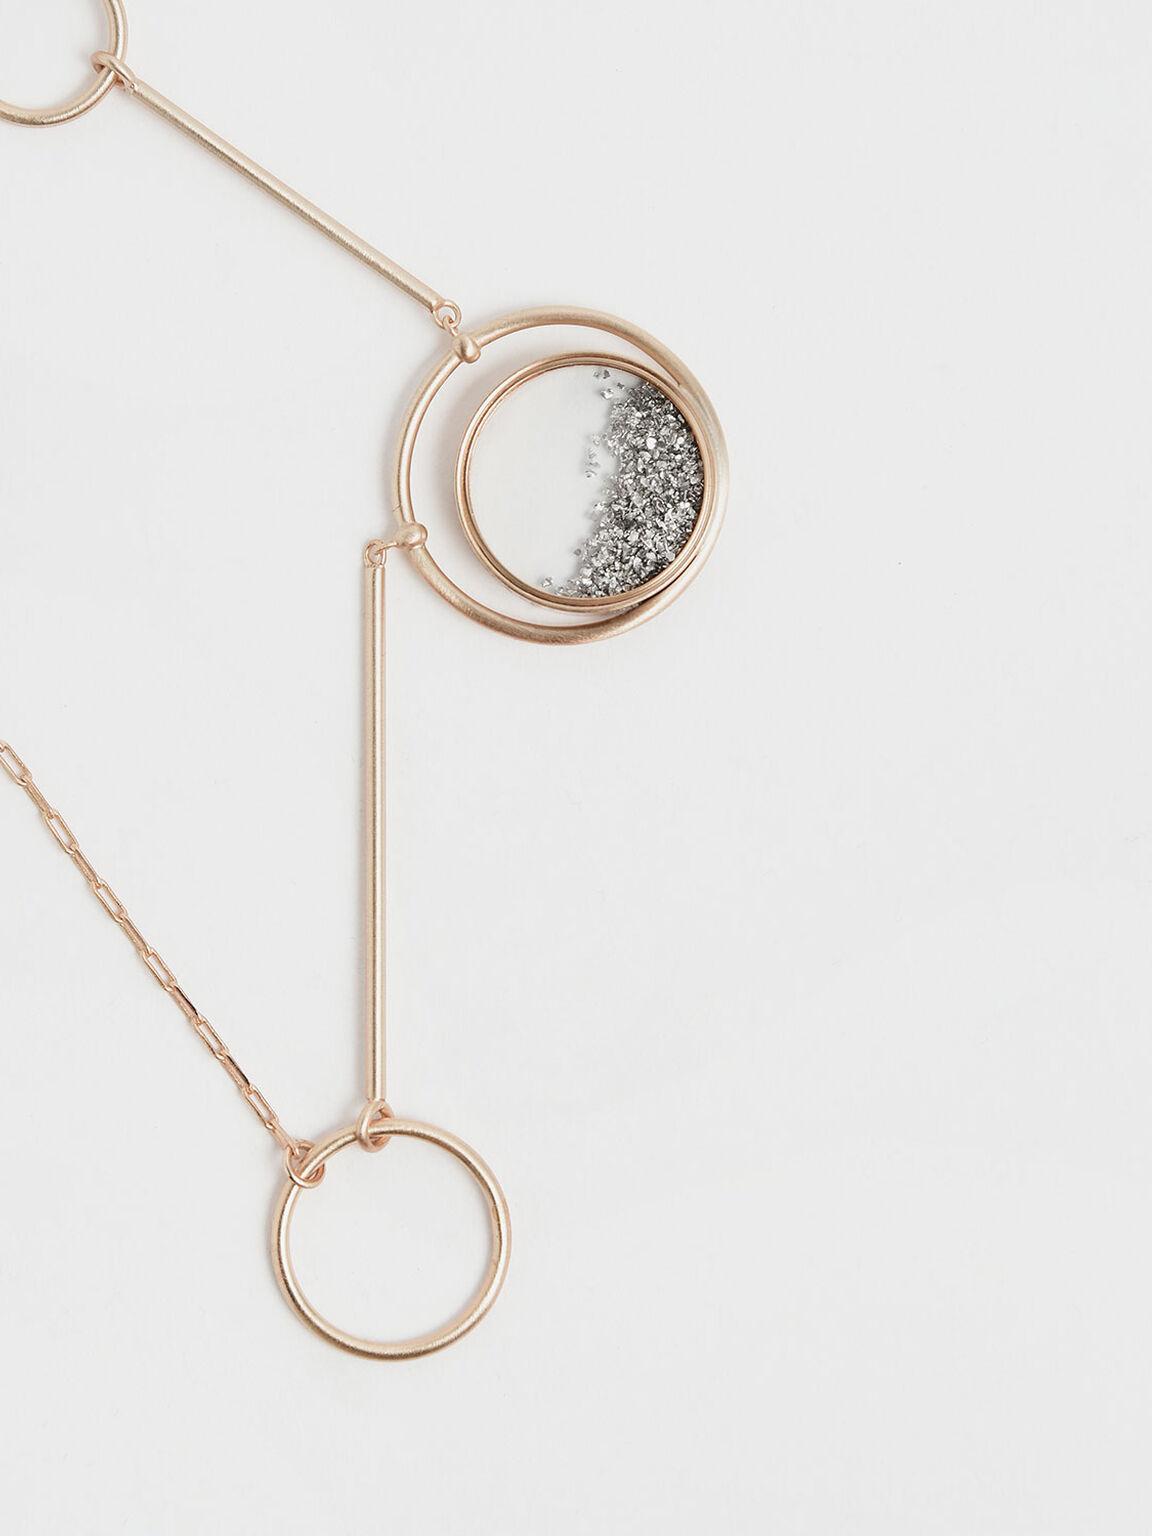 Silver Sparkling Sandstone Ring Detail Floating Locket Matinee Necklace, Gold, hi-res